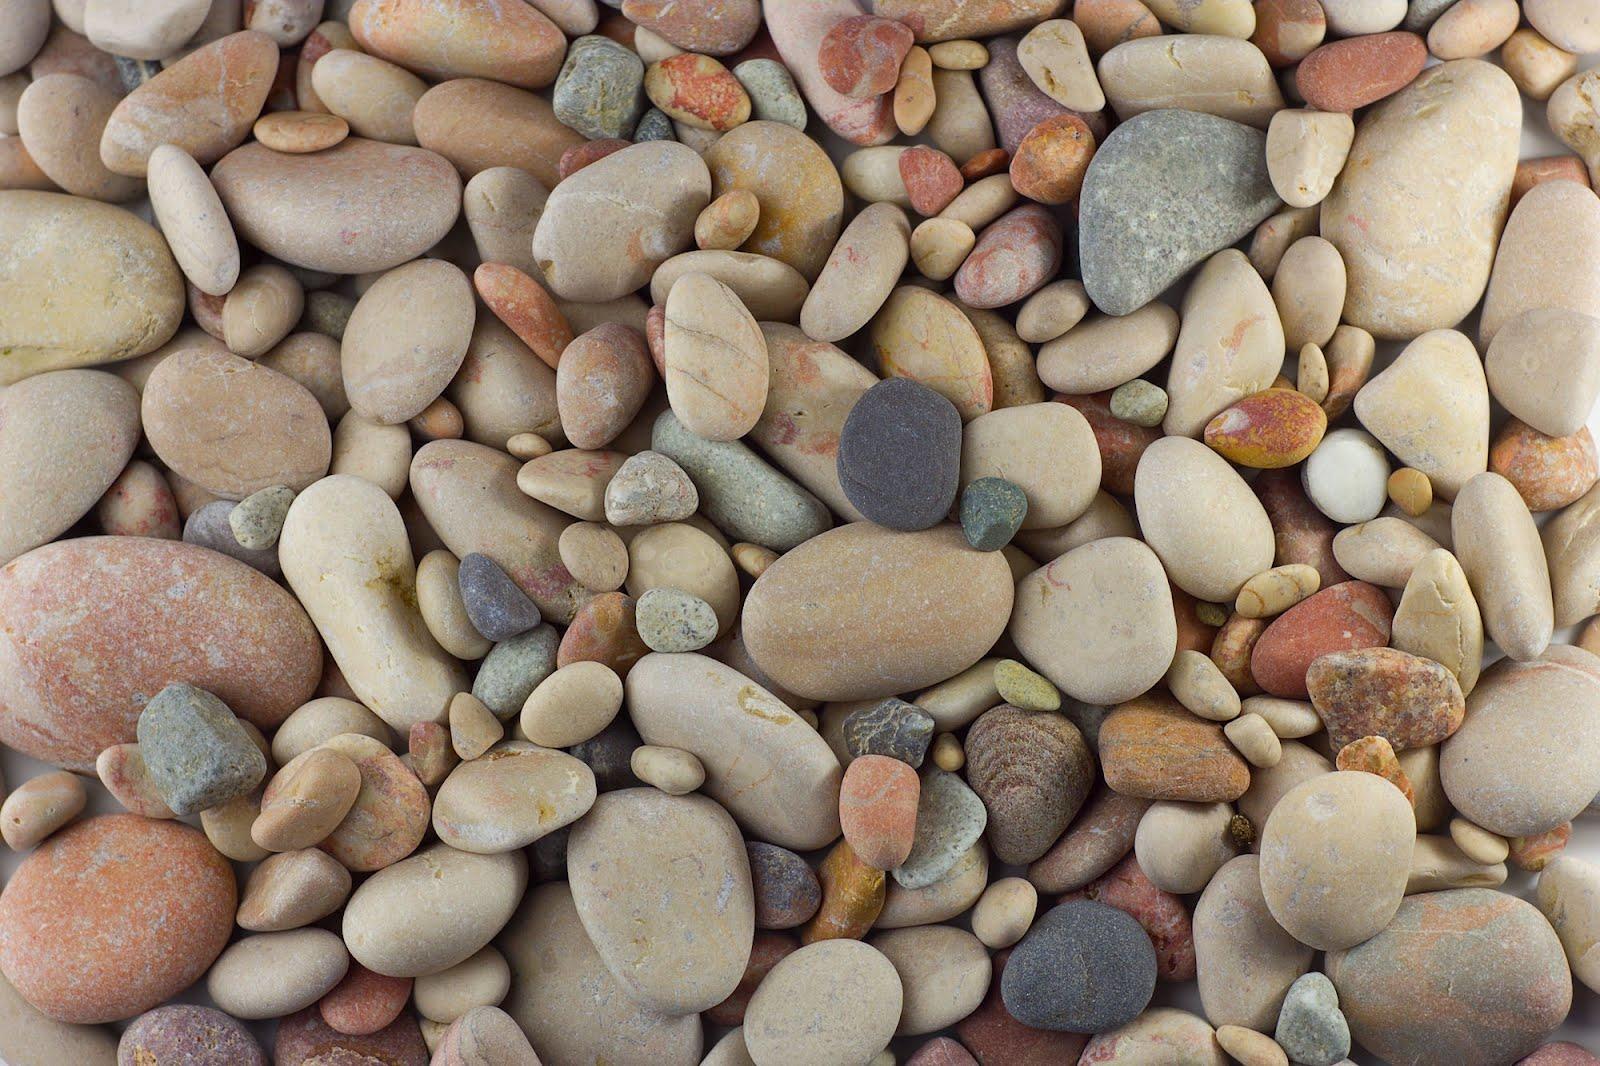 idool piedras del ro stones in the river sea pebbles